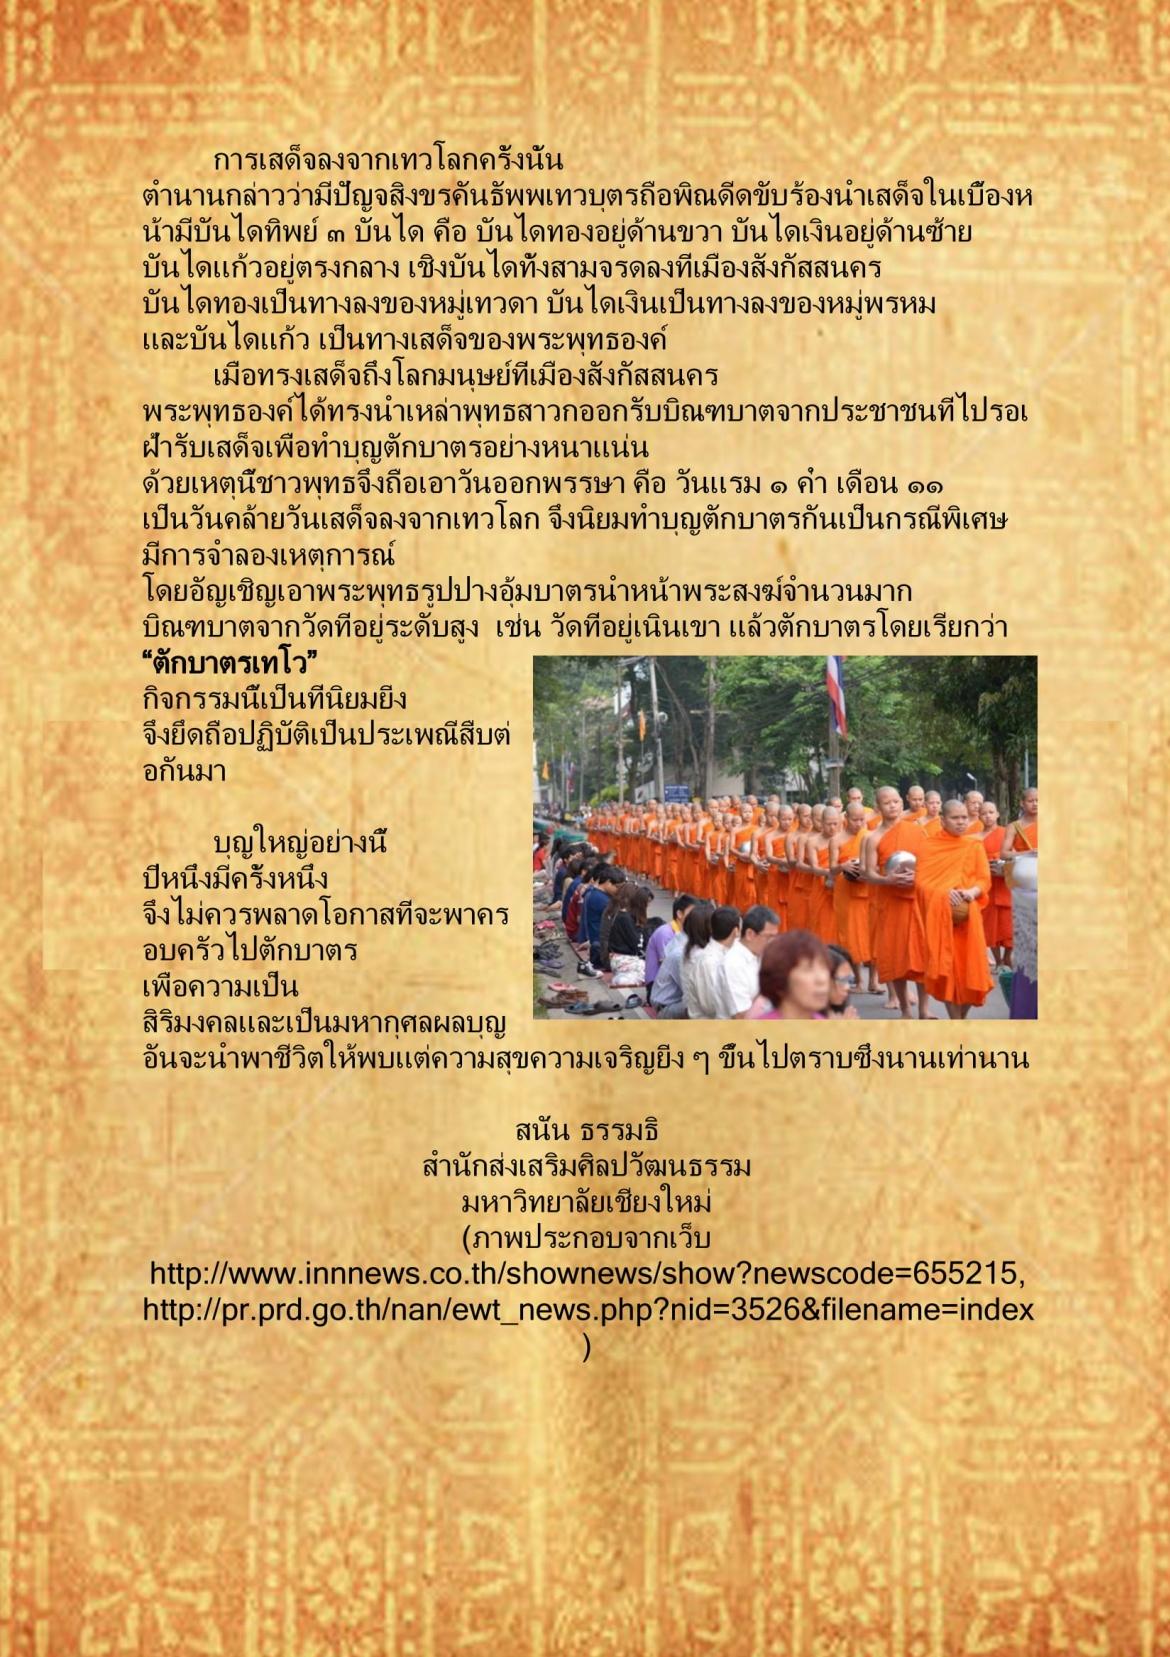 ประเพณีตักบาตรเทโว - 17  ตุลาคม  2559